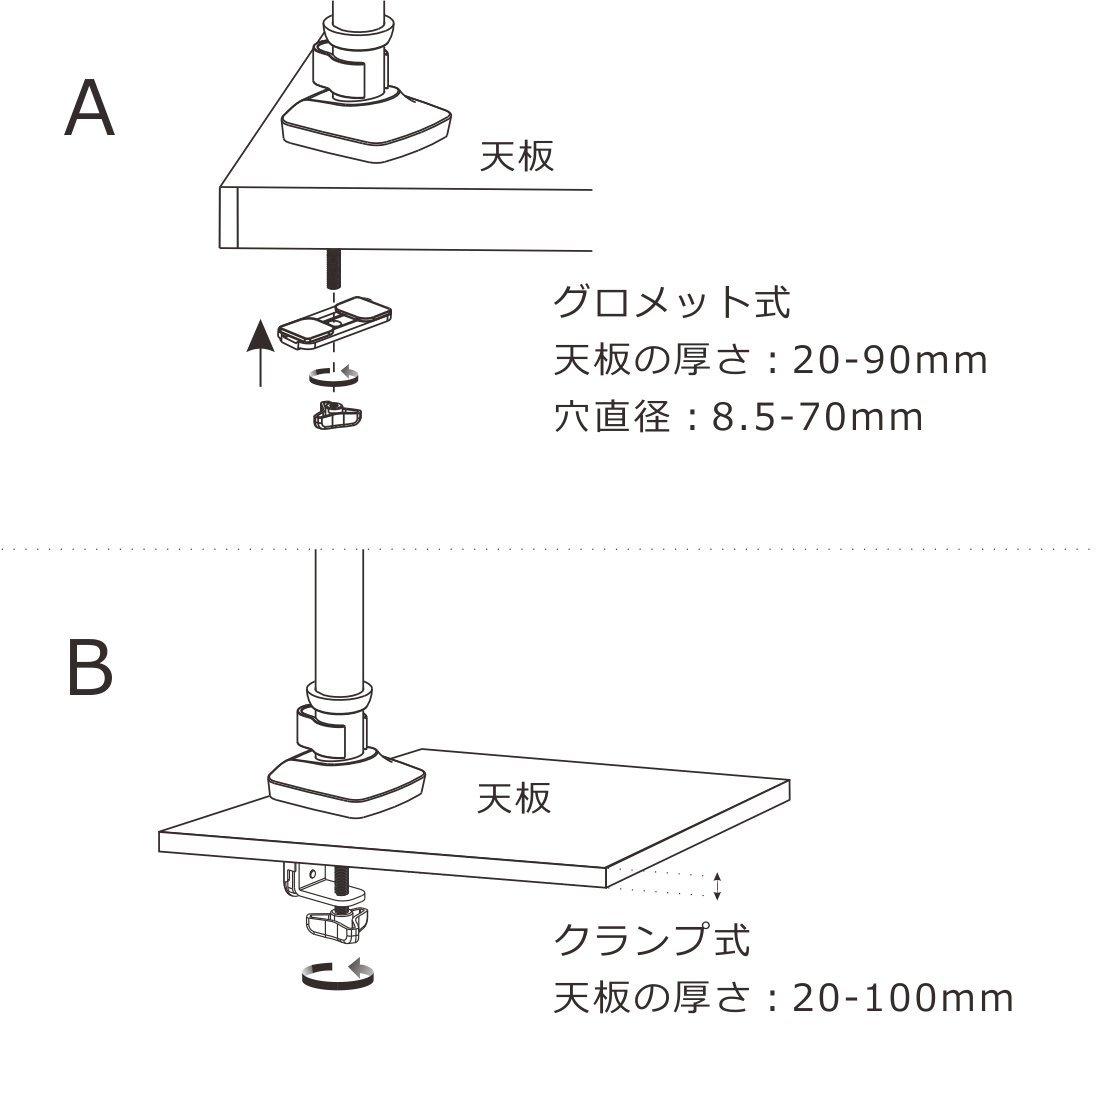 クランプ式とグロメット式